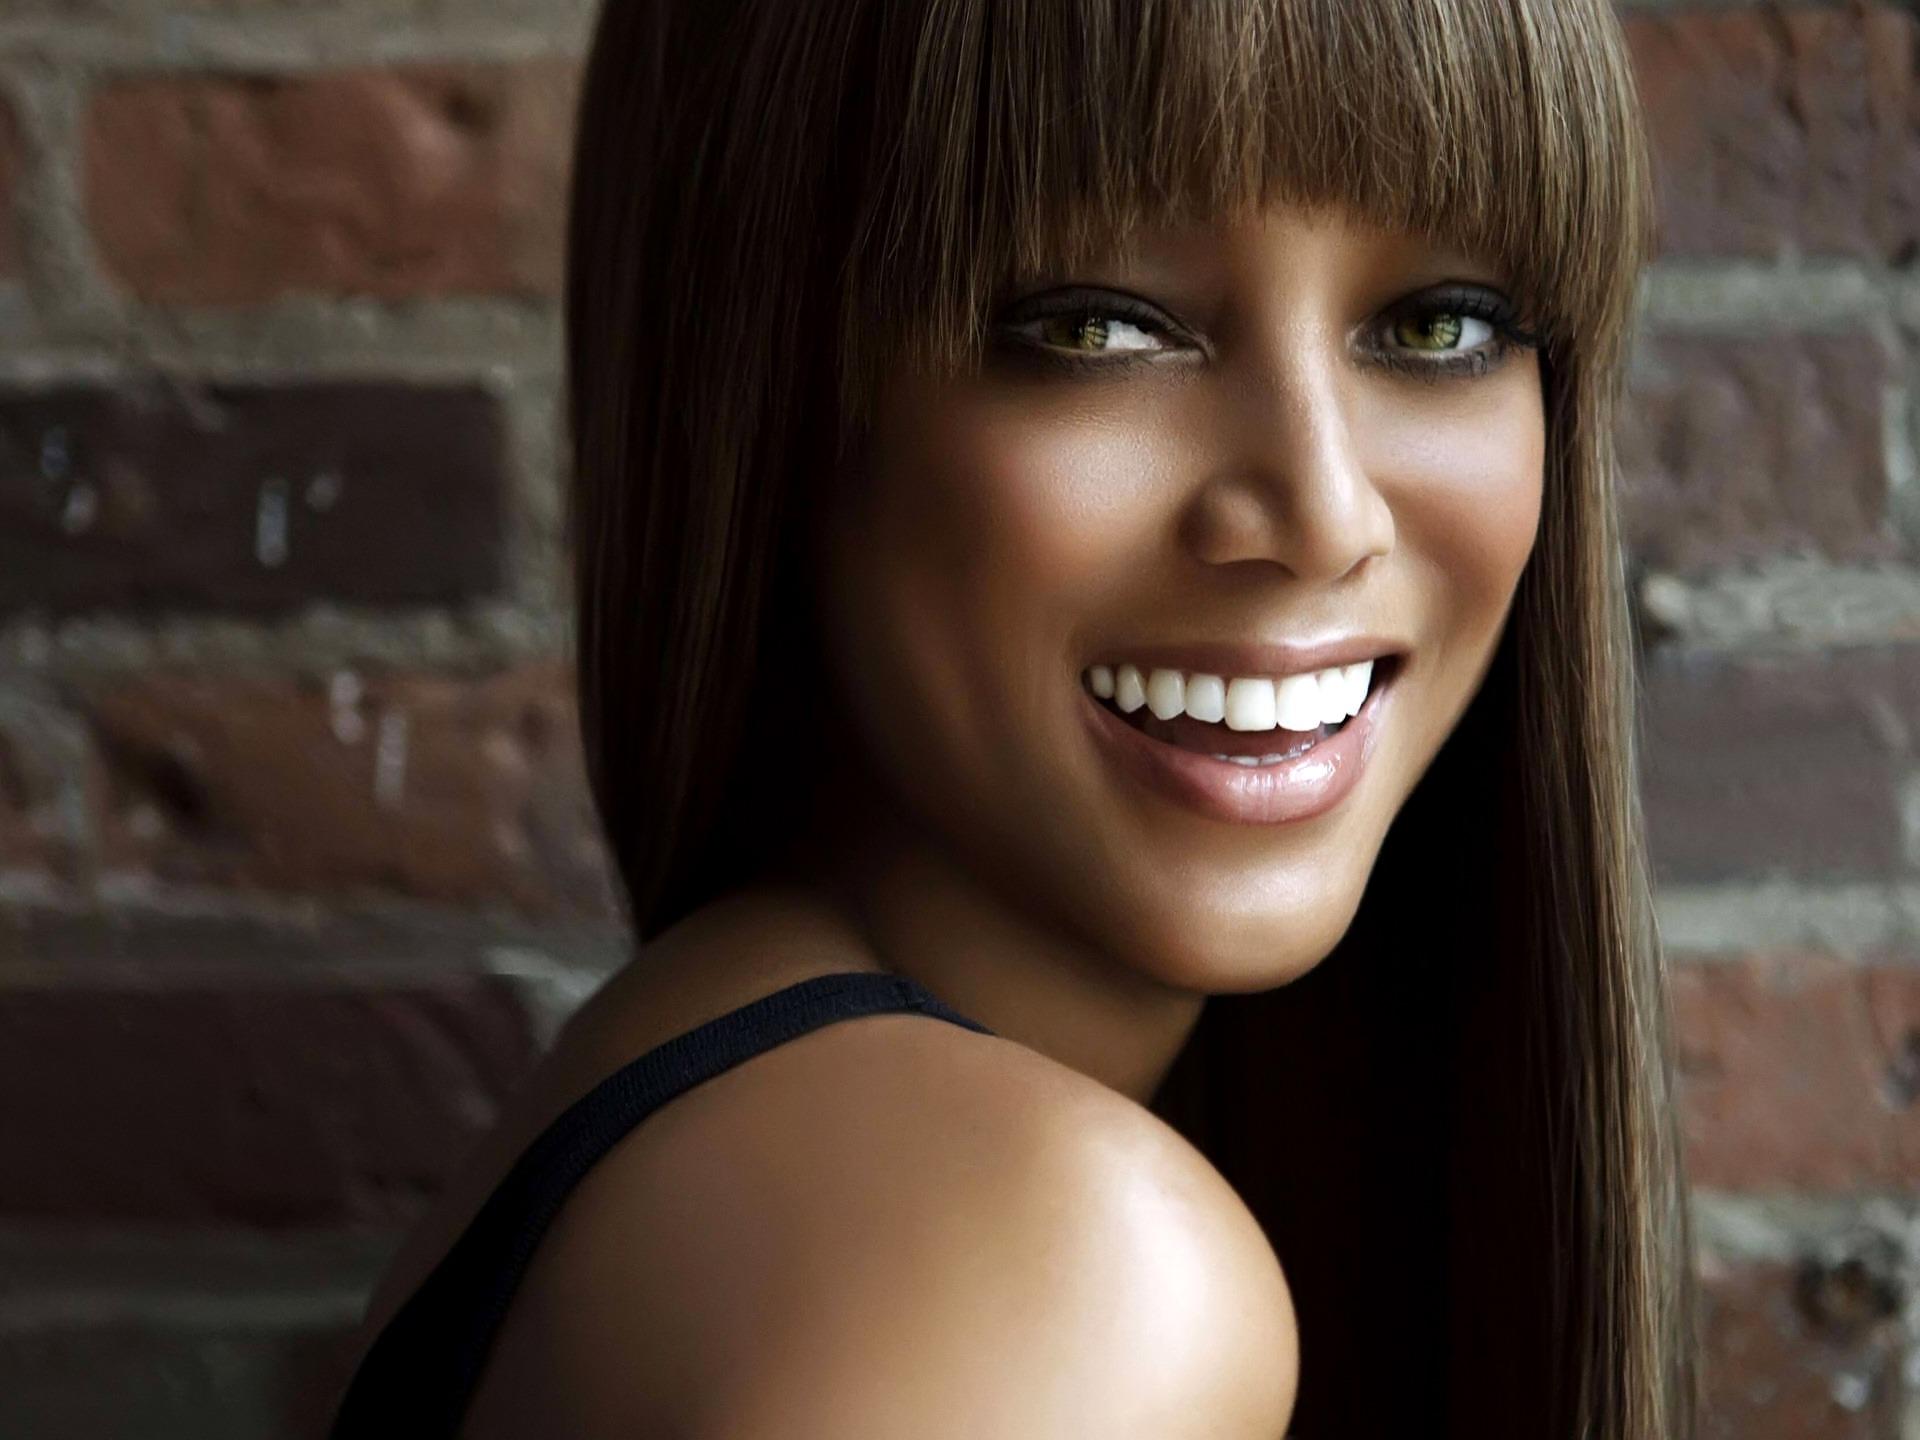 tyra-banks-smile-wallpaper-tyra-banks-female-celebrities_00430262.jpg